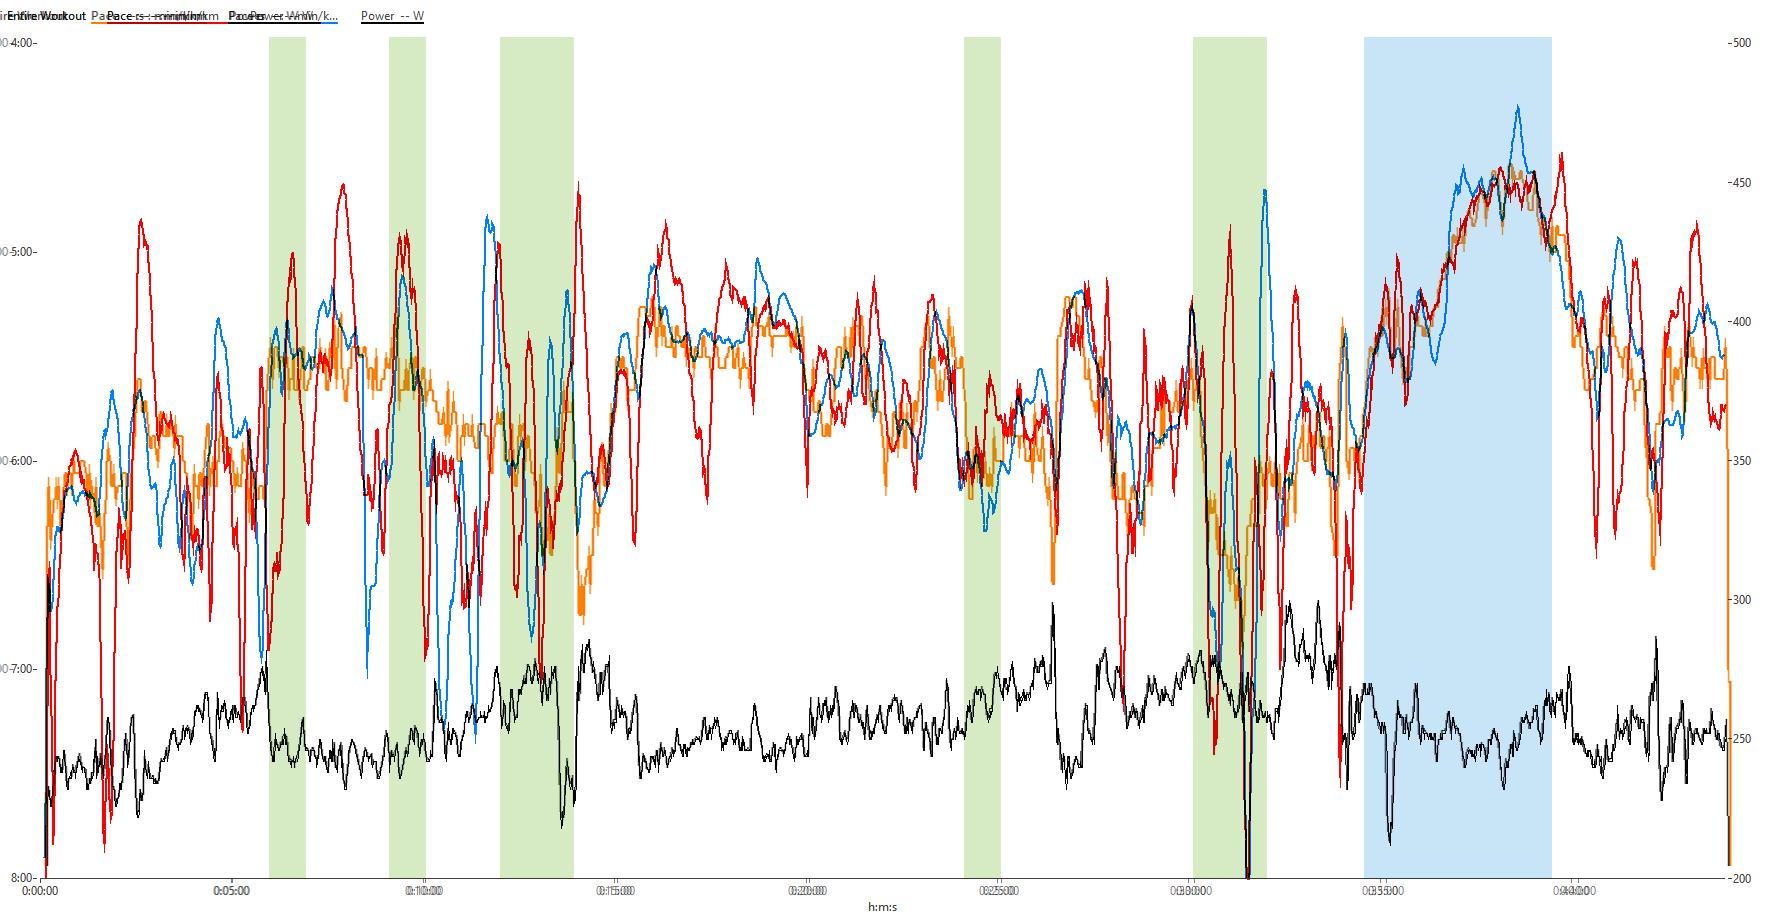 Stryd, GPS-Pace der Garmin (blau) und Polar (rot) mit Baumpassagen (grün) und freier Sicht (blau)